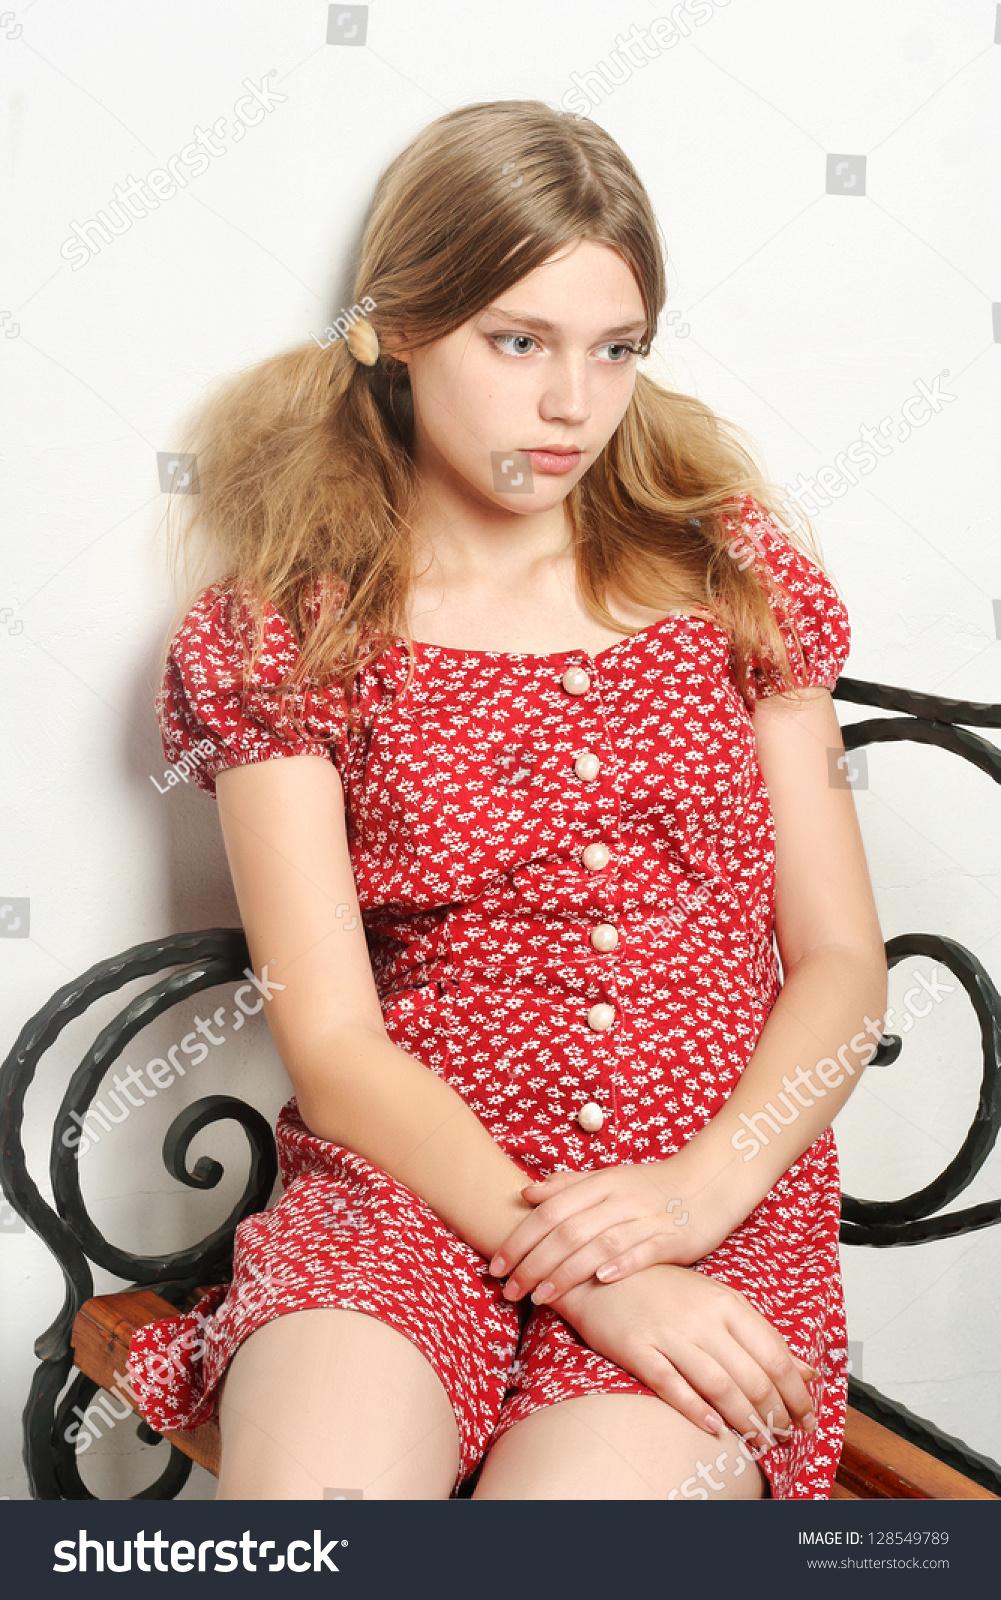 Girl sites innocent teens